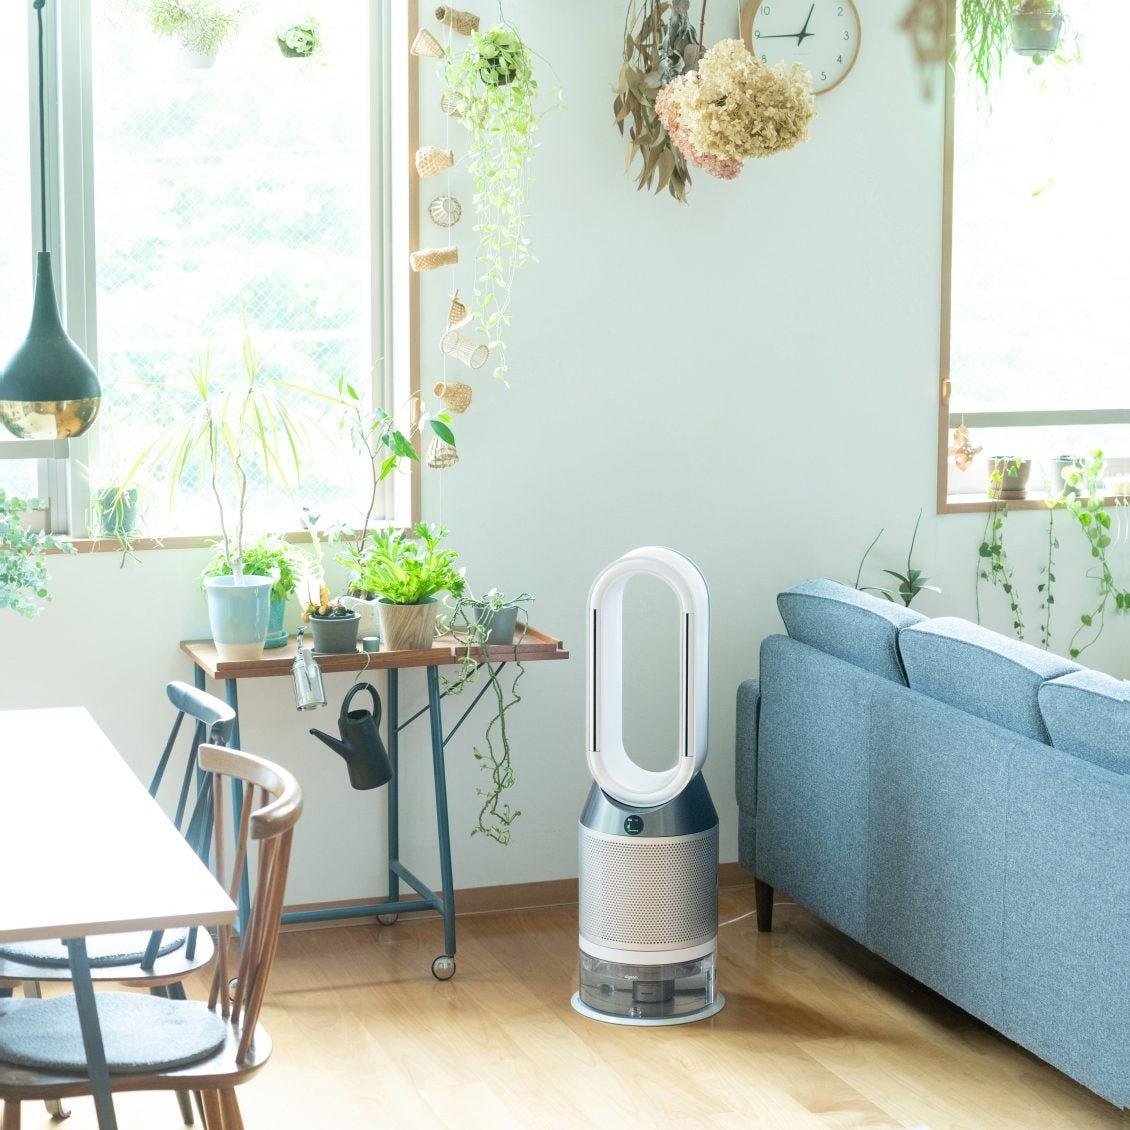 【空気から居心地よく】湿気と暑さでバテ気味な夏も「家族みんなが快適」を叶えるアイテムって?